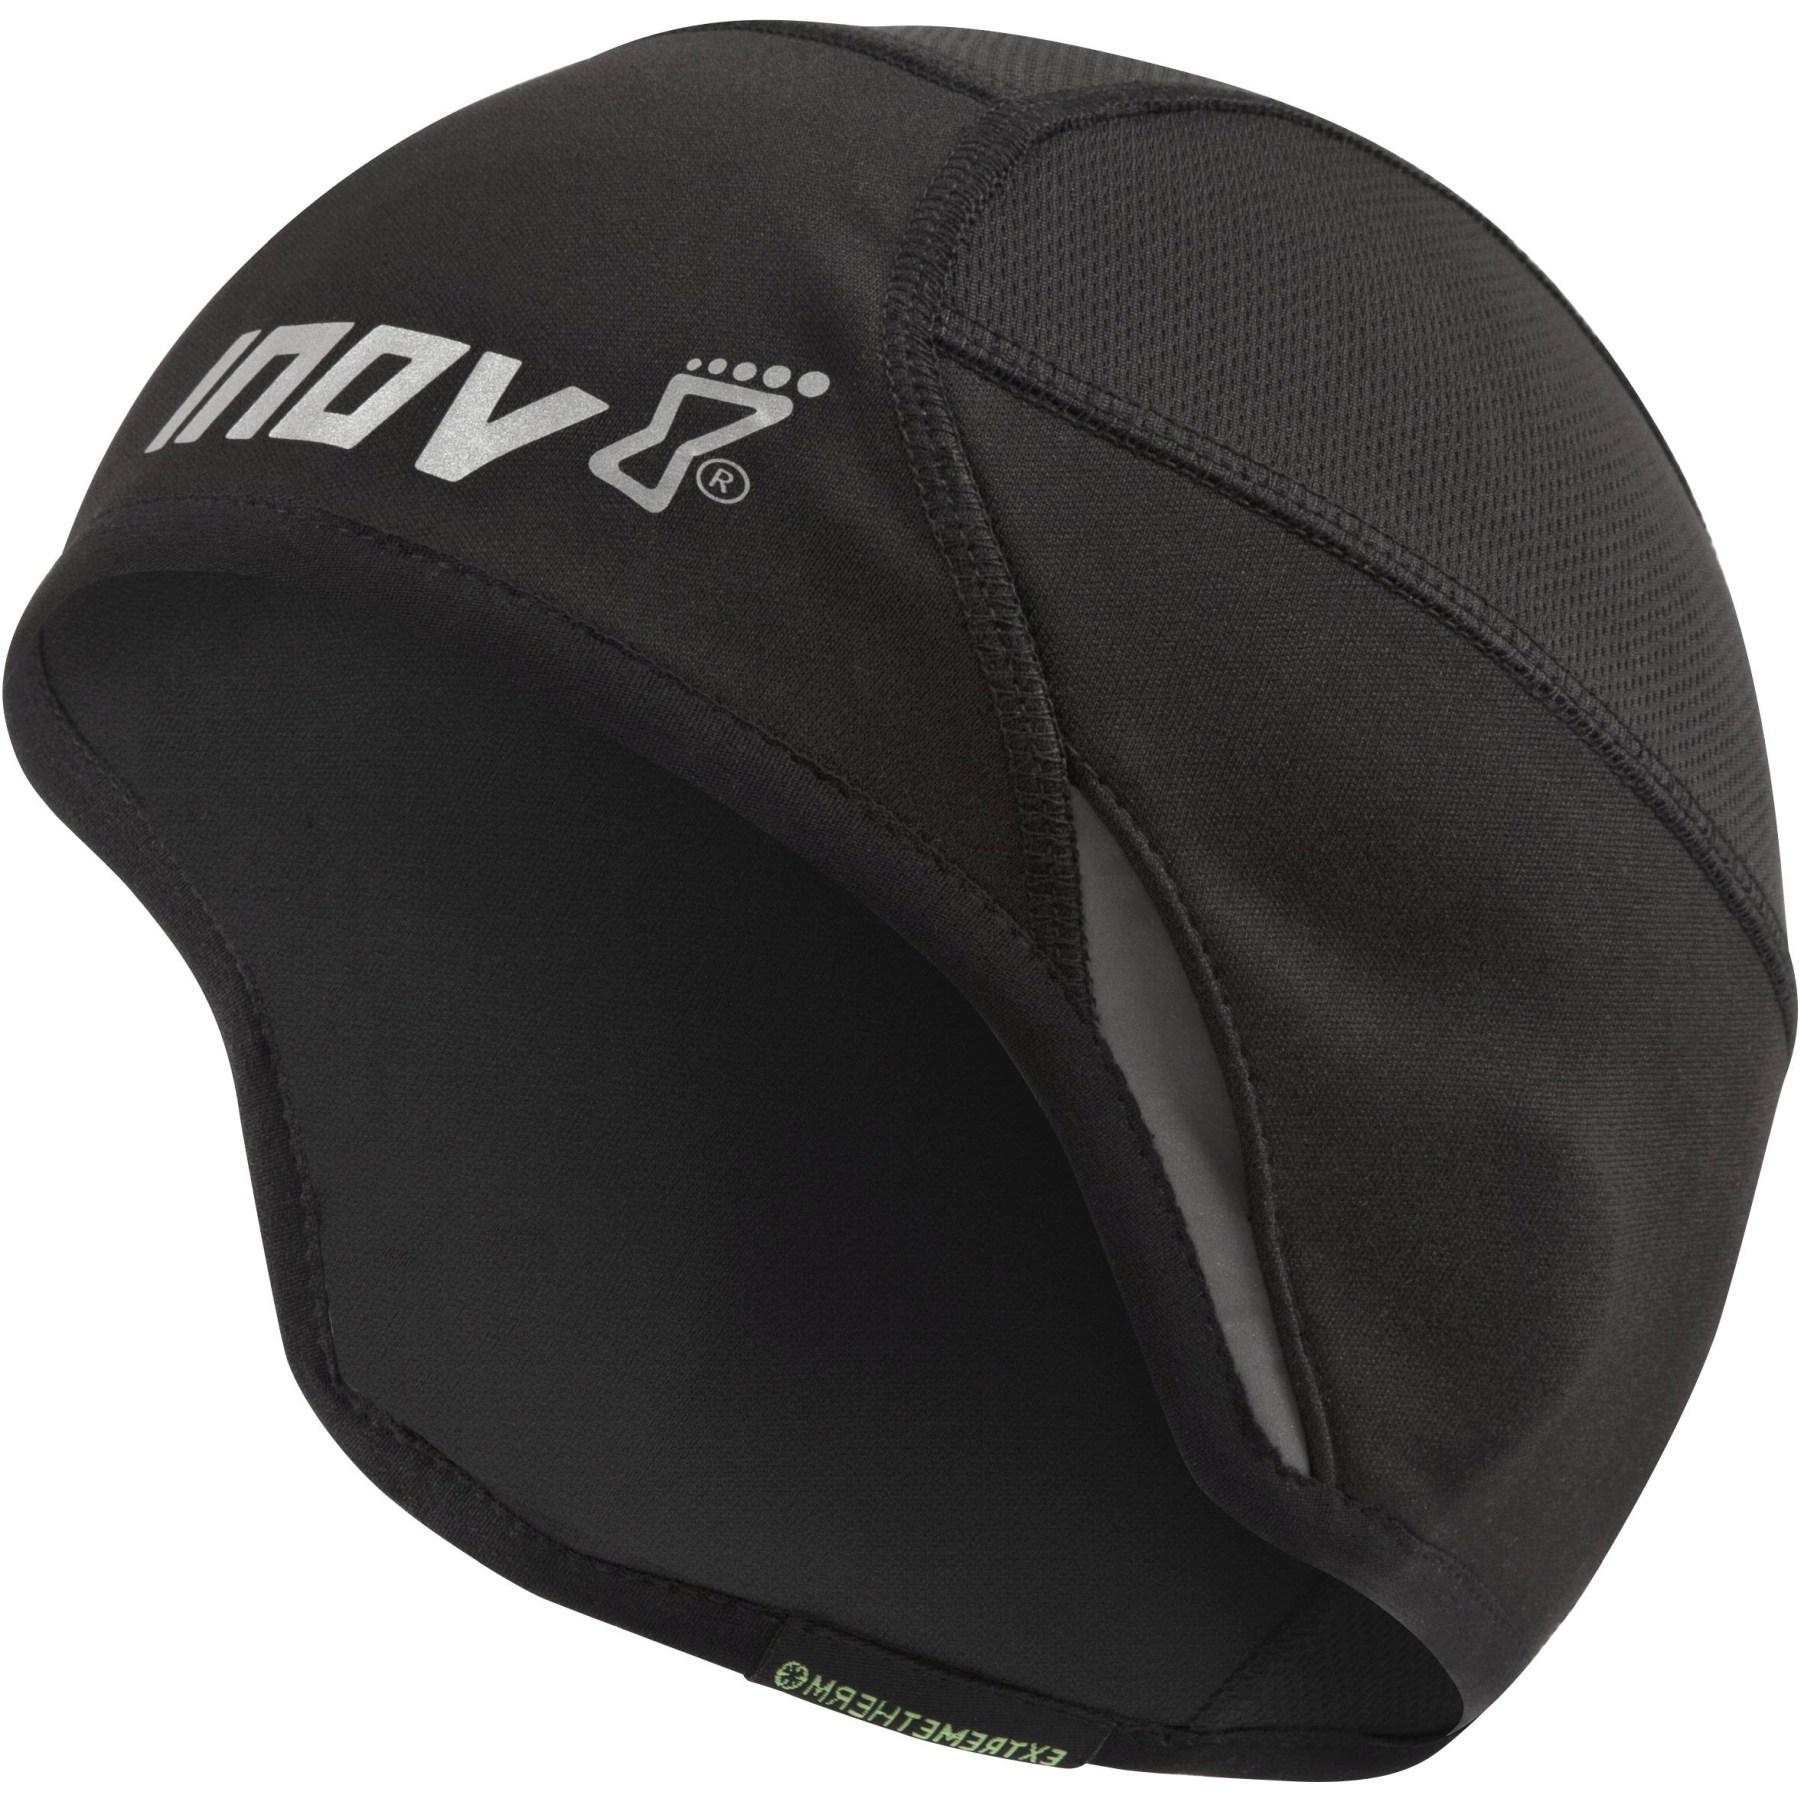 Produktbild von Inov-8 Extreme Thermo Beanie 2.0 Mütze - black